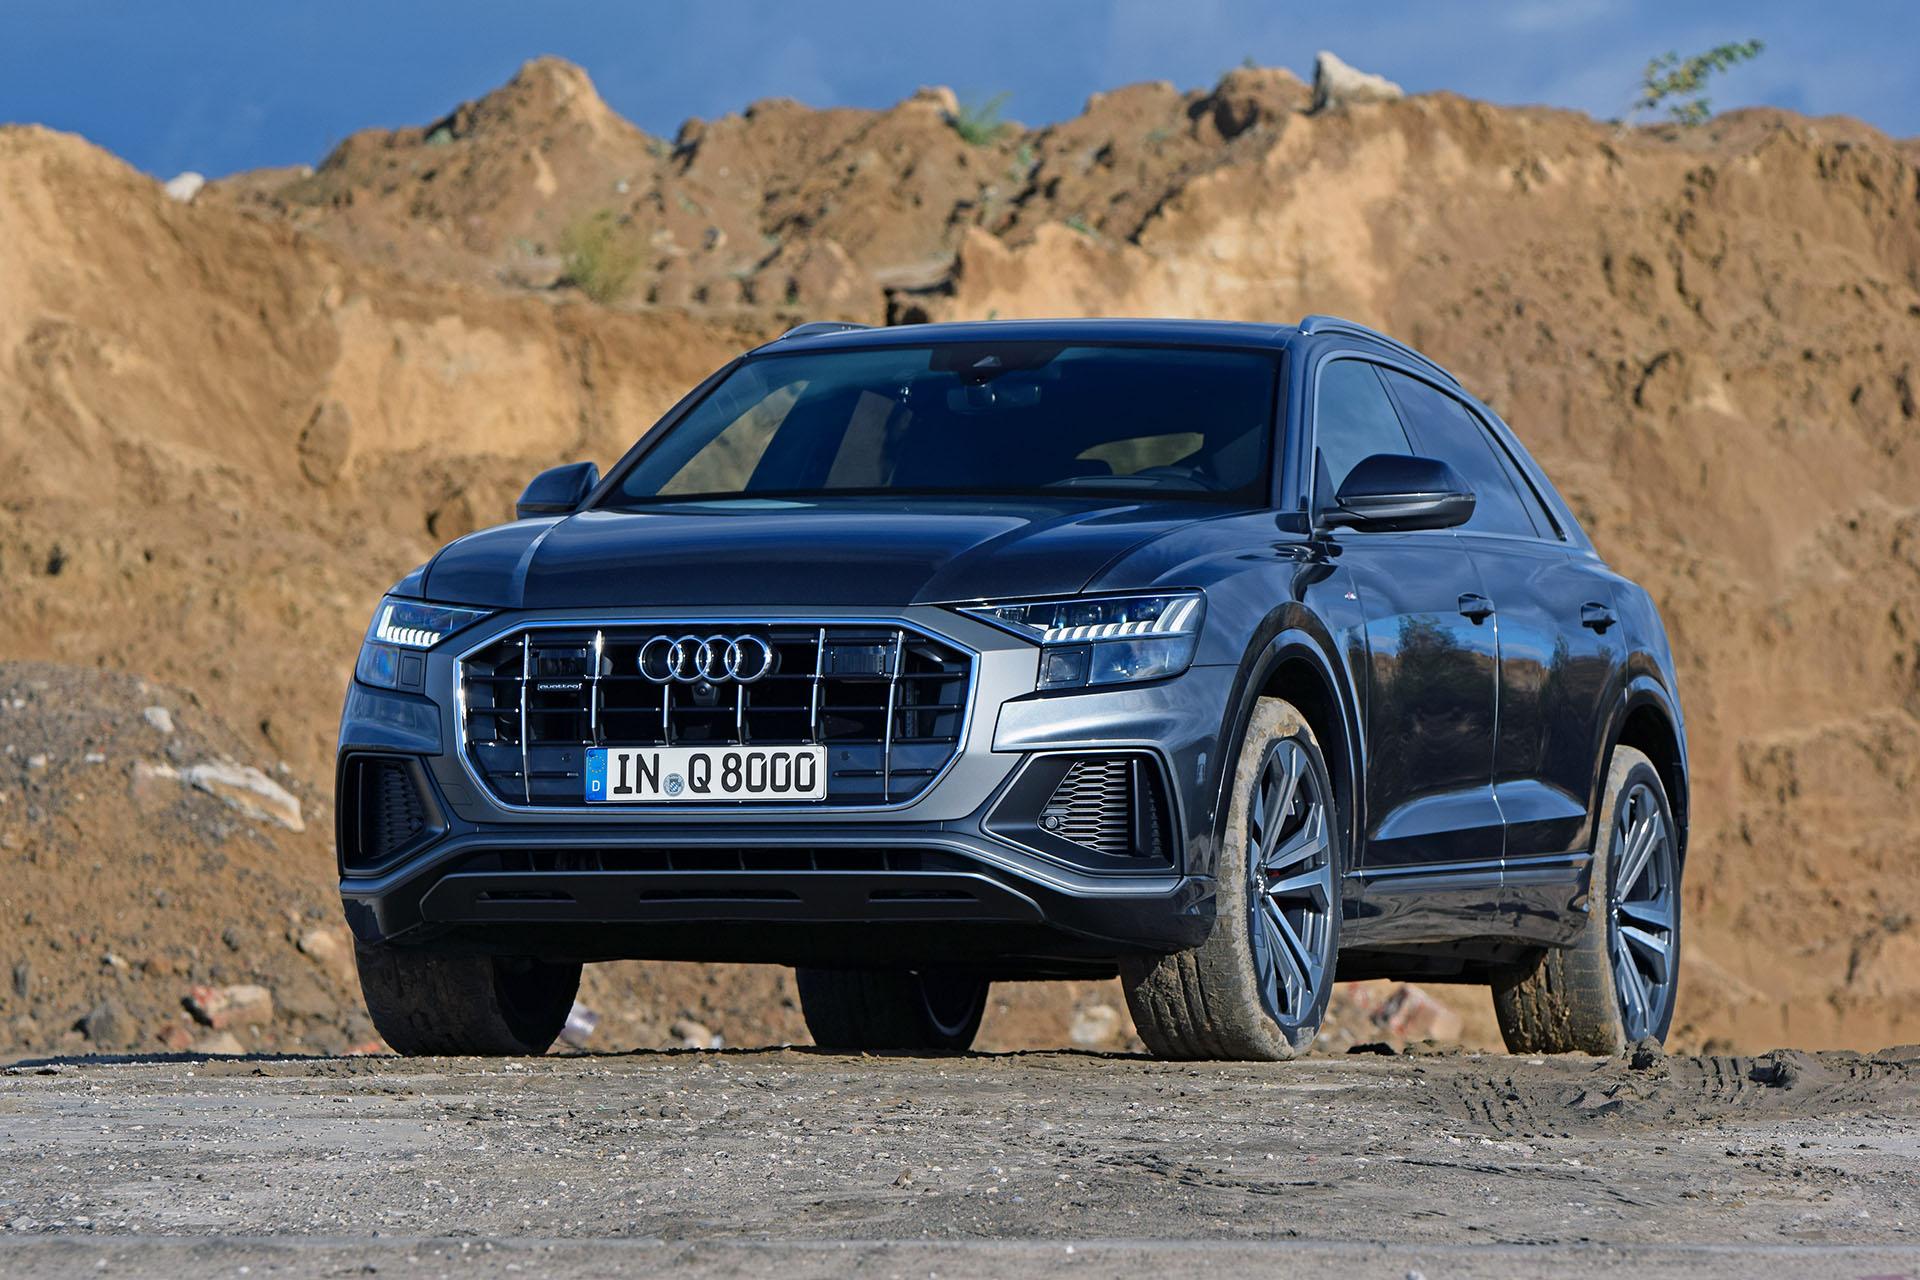 Neuvorstellung Audi Q8 2018 – Ich bin sportlich!